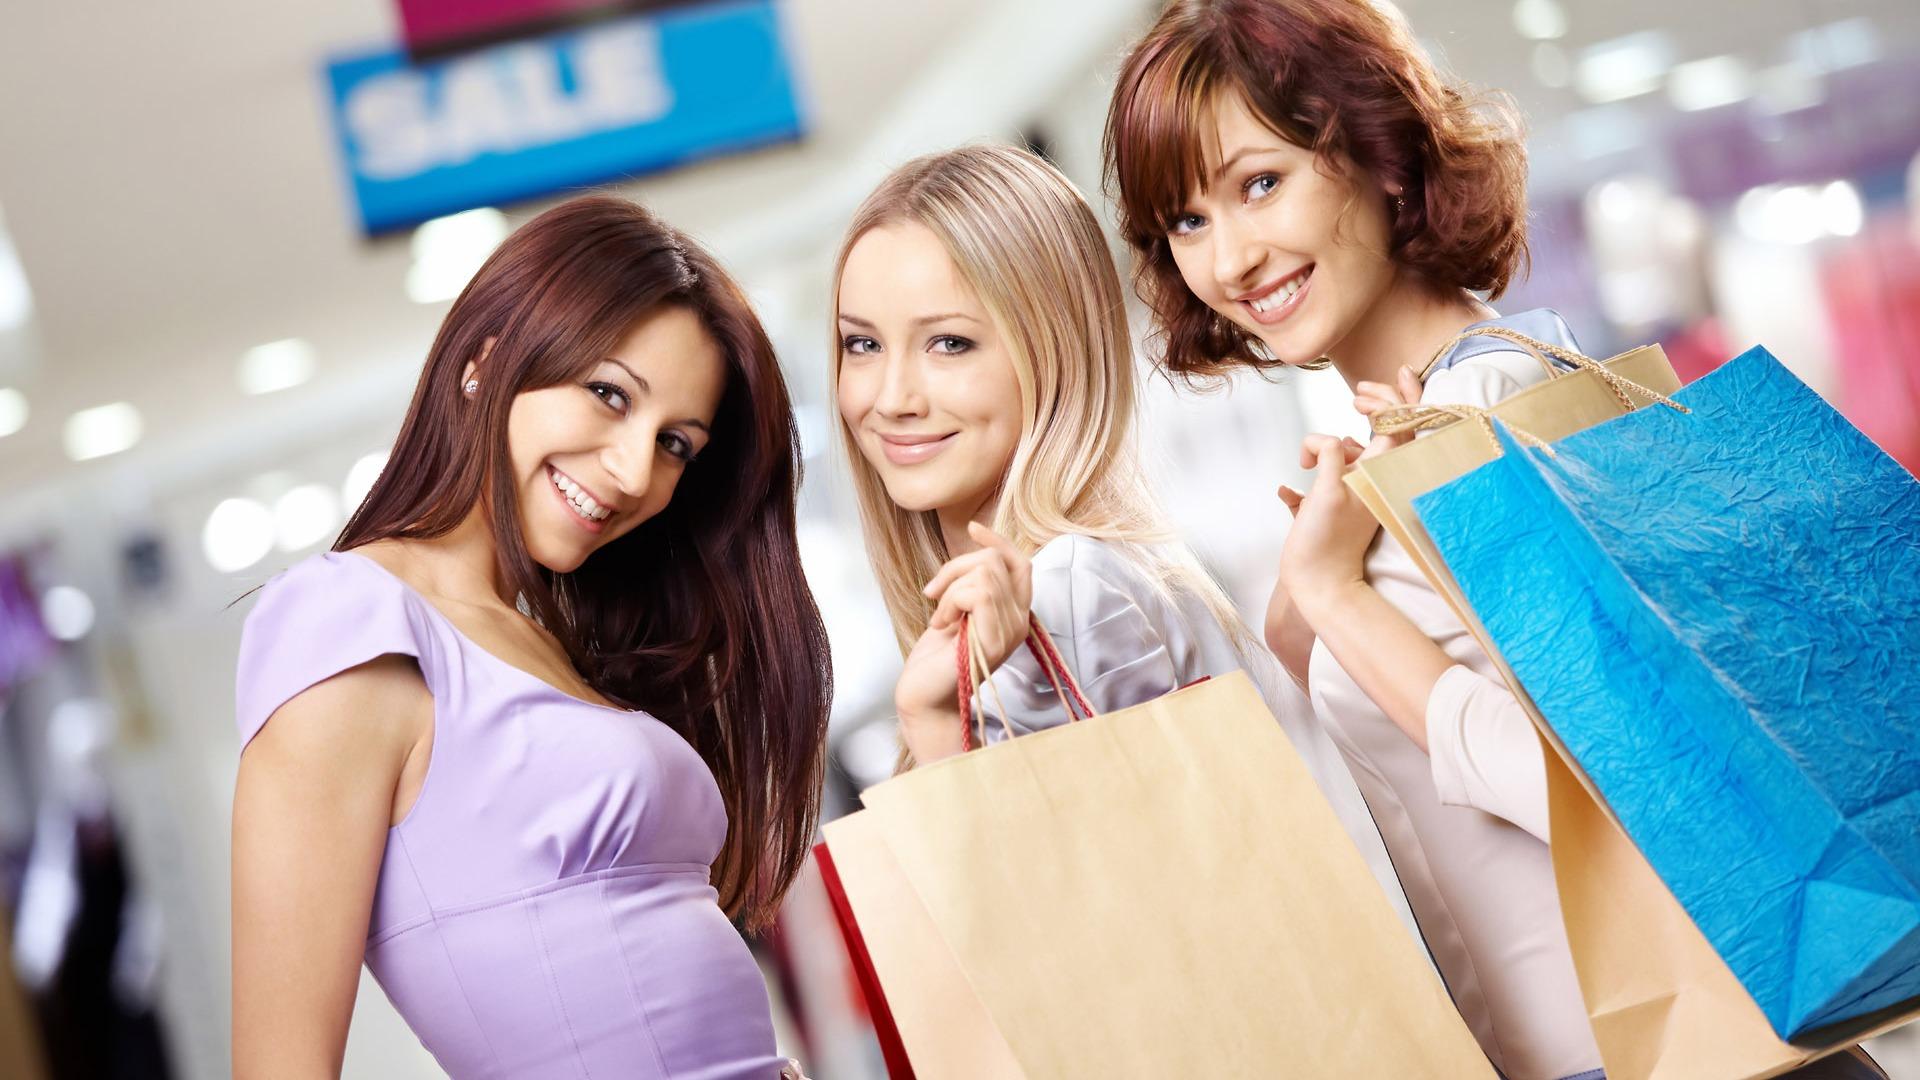 Personalidade da loja: o segredo para o sucesso no varejo